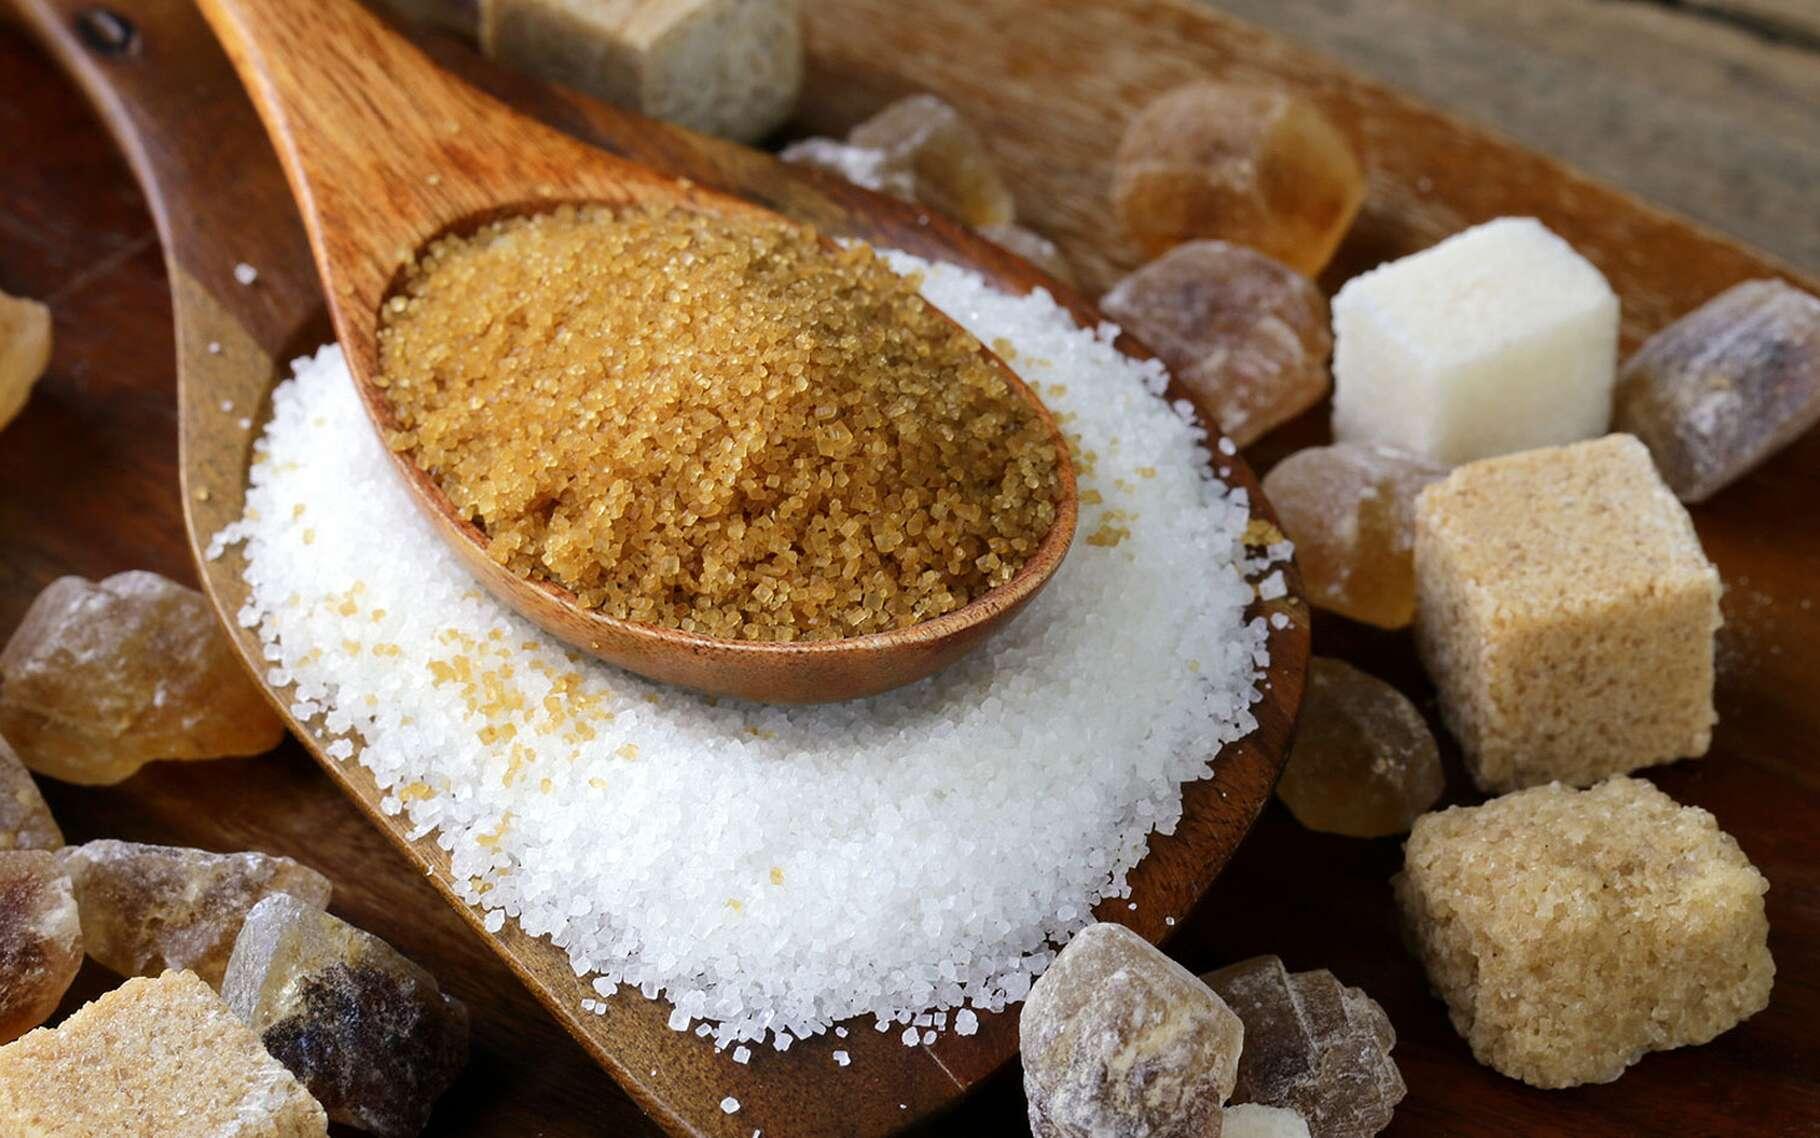 Le sucre raffiné est très mauvais pour la santé. © Dream79, Fotolia